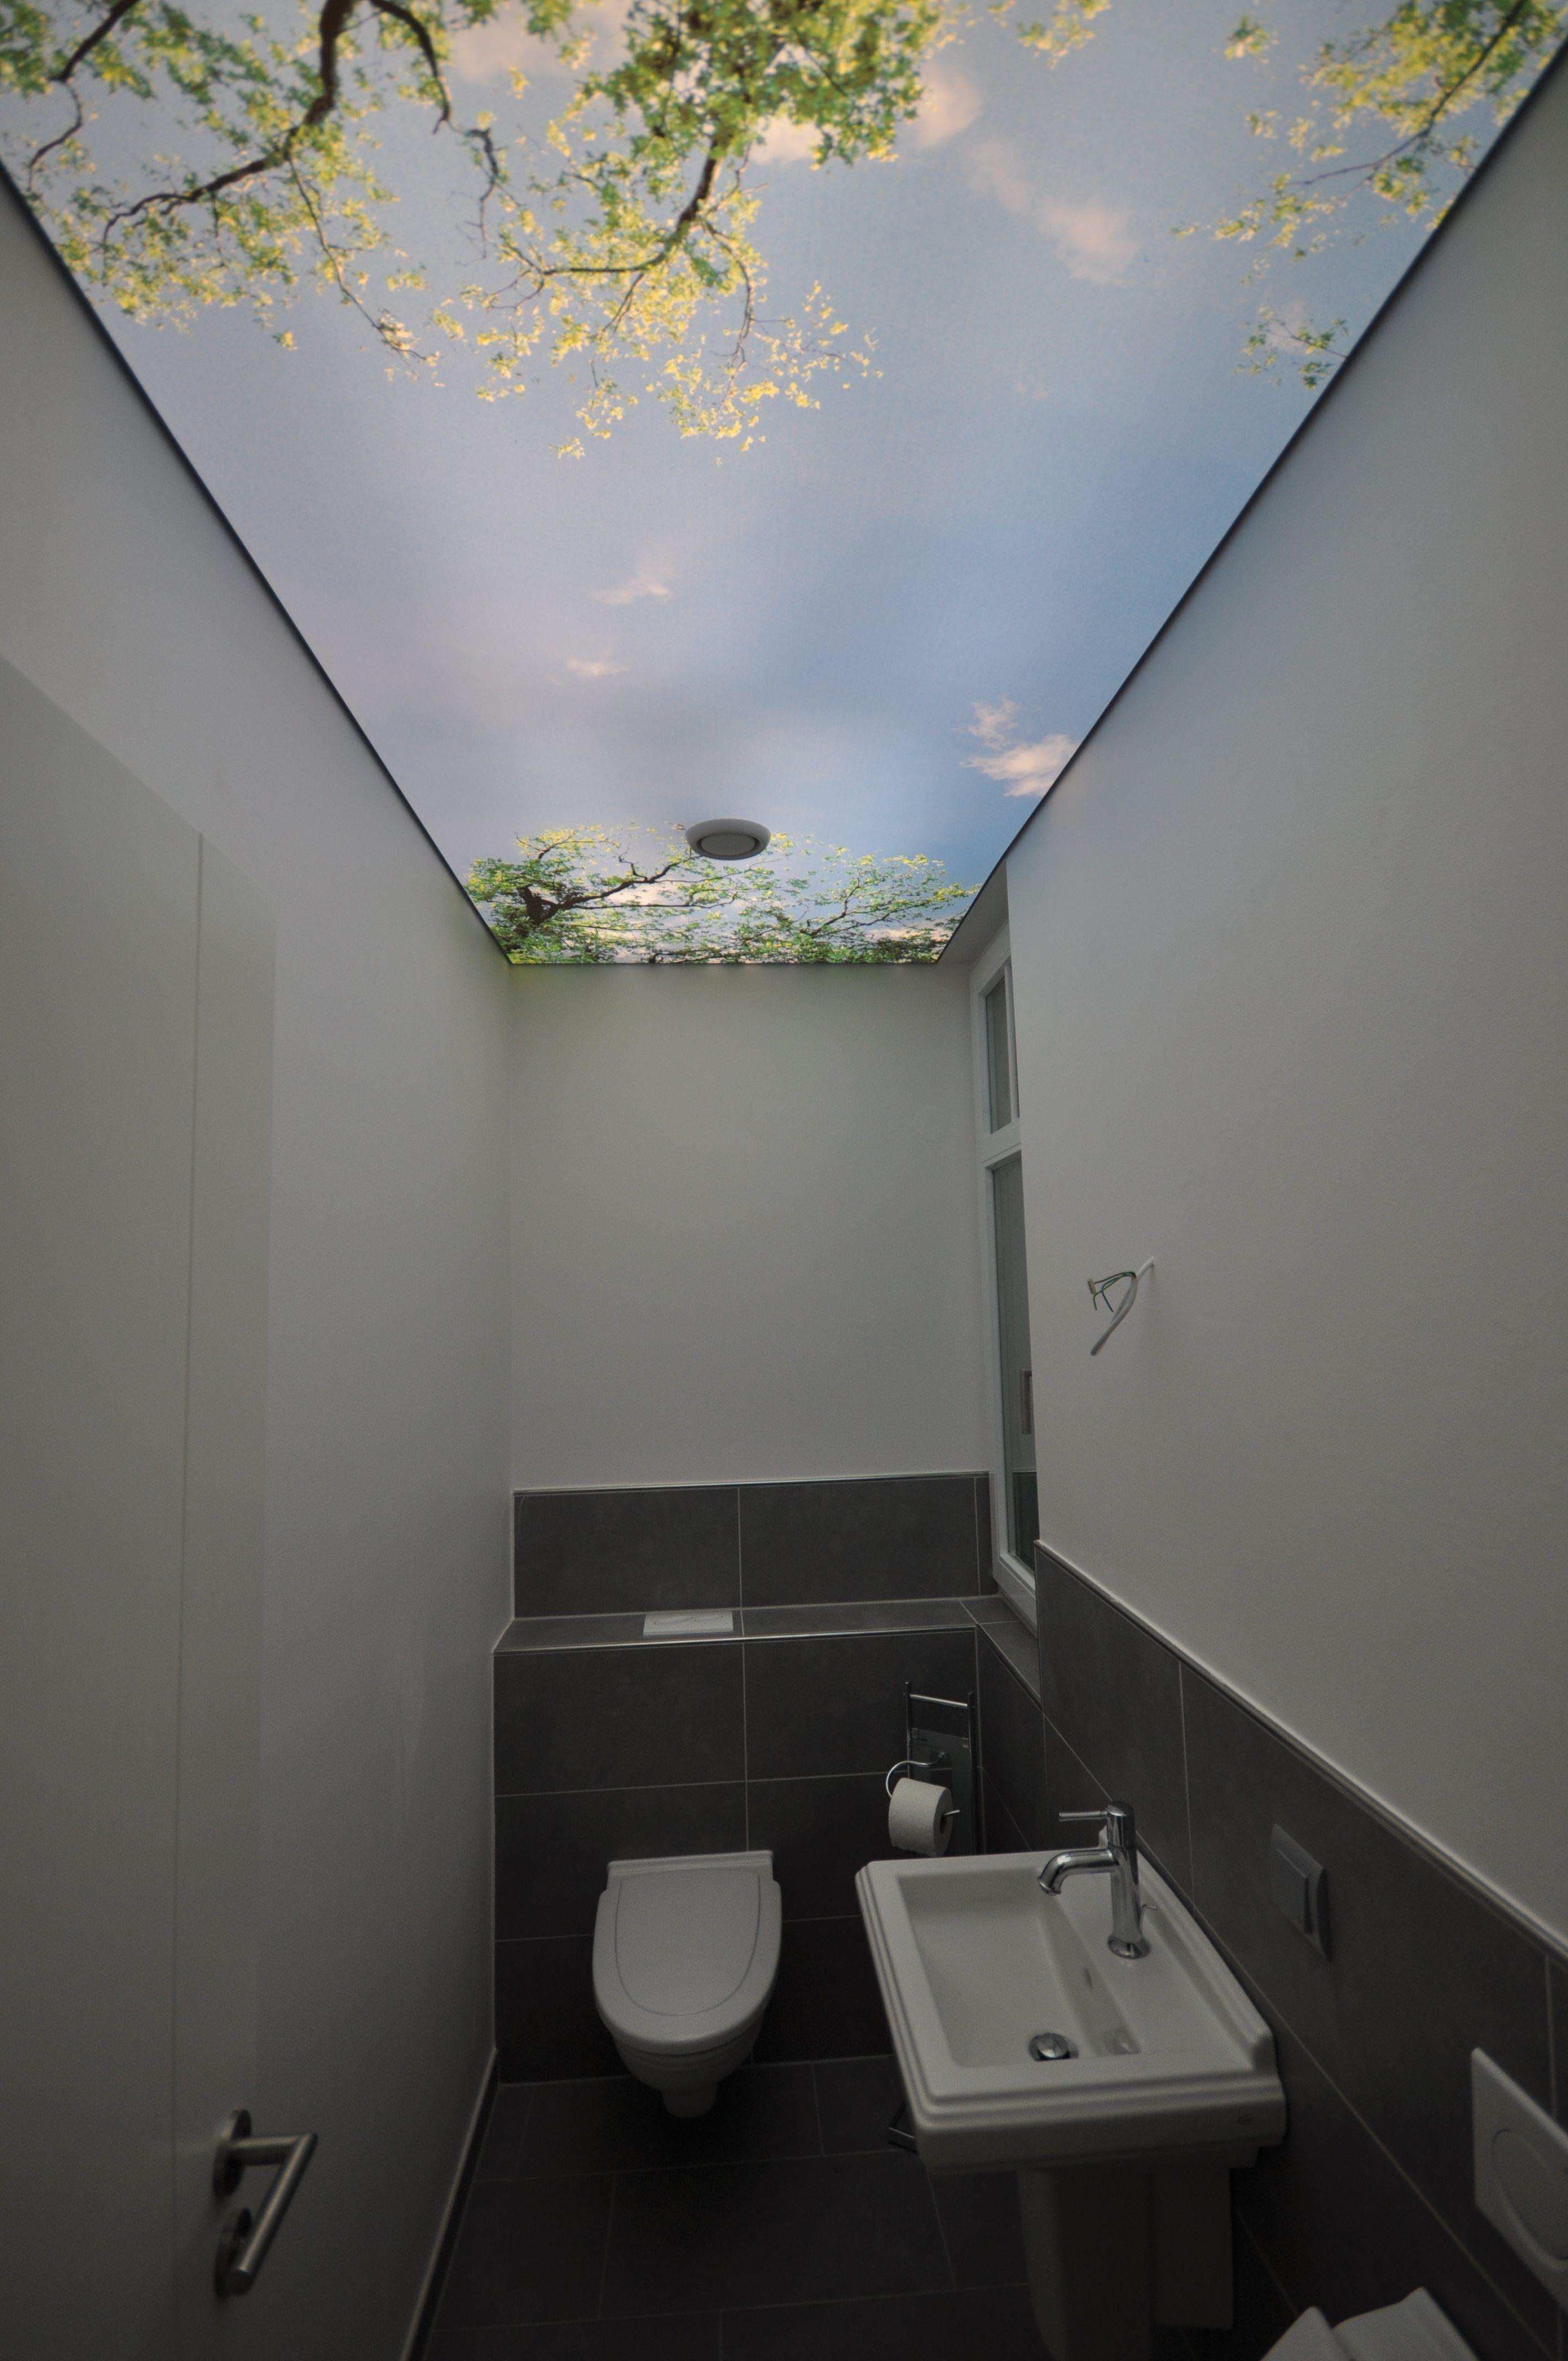 Badezimmer design beleuchtung bedruckte spanndecke in einem gäste wc beleuchtungwcspanndecke